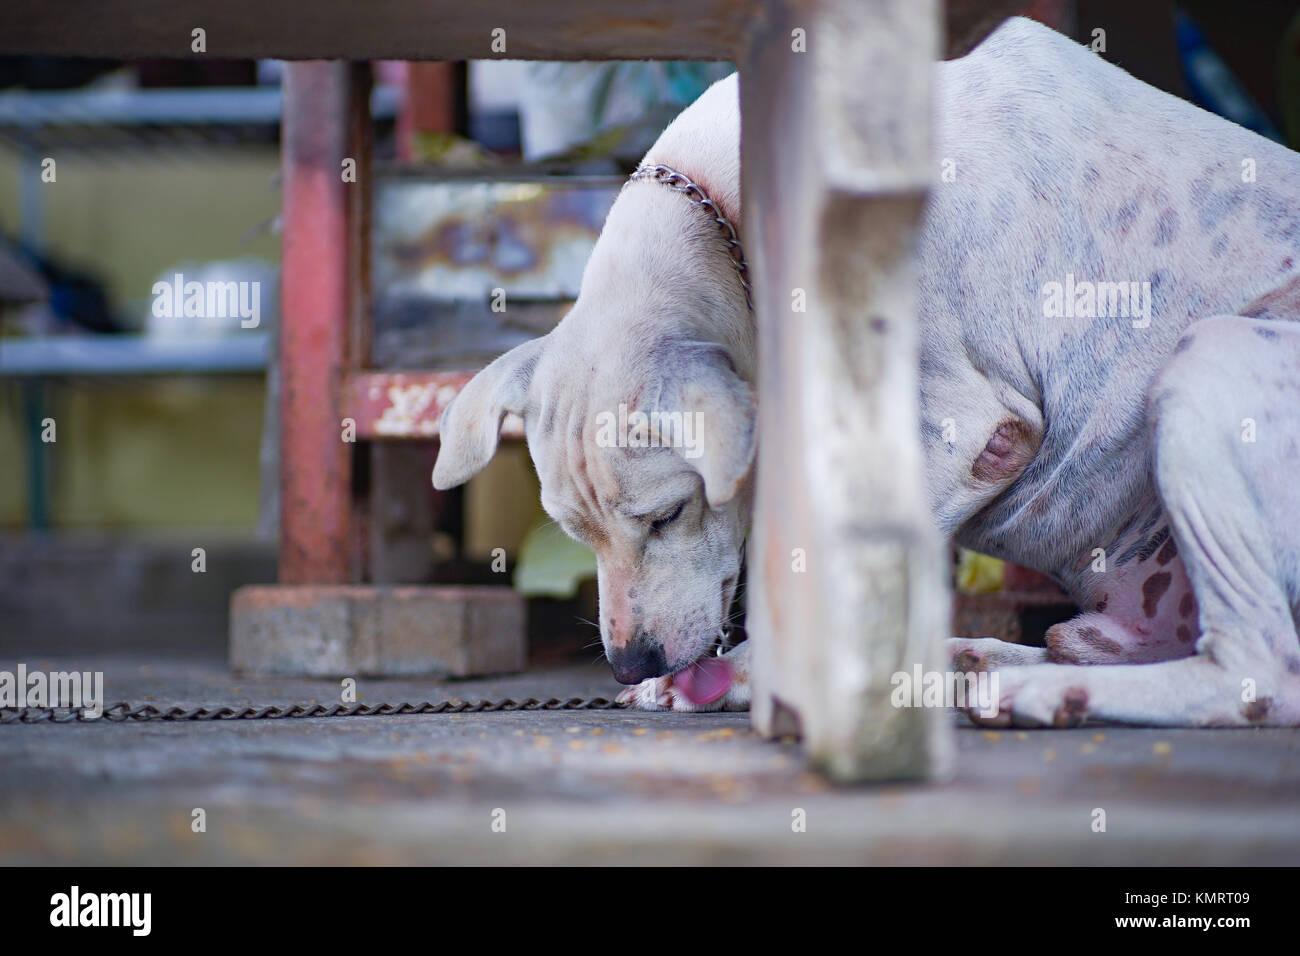 Der Weisse Hund War Angekettet Unter Der Tabelle Mit Seinem Bein